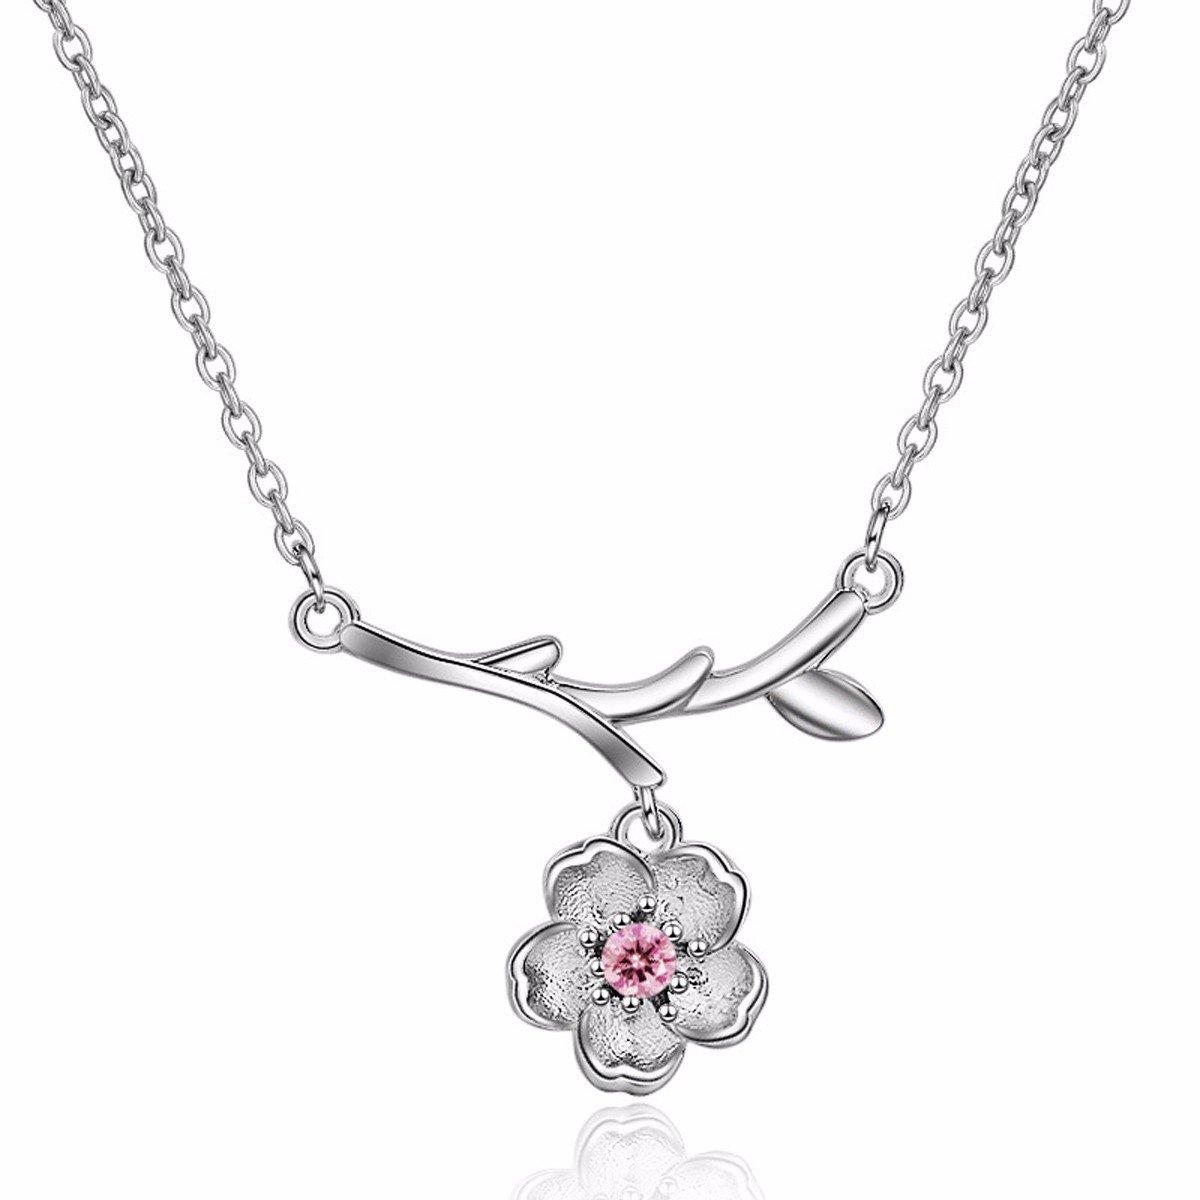 Fledou Collar de Flor de Cerezo, salvaje, dulce cadena de clavícula, flores, contenedor, insertar la broca necklace, hembra, un embellecedor,Collar para ...